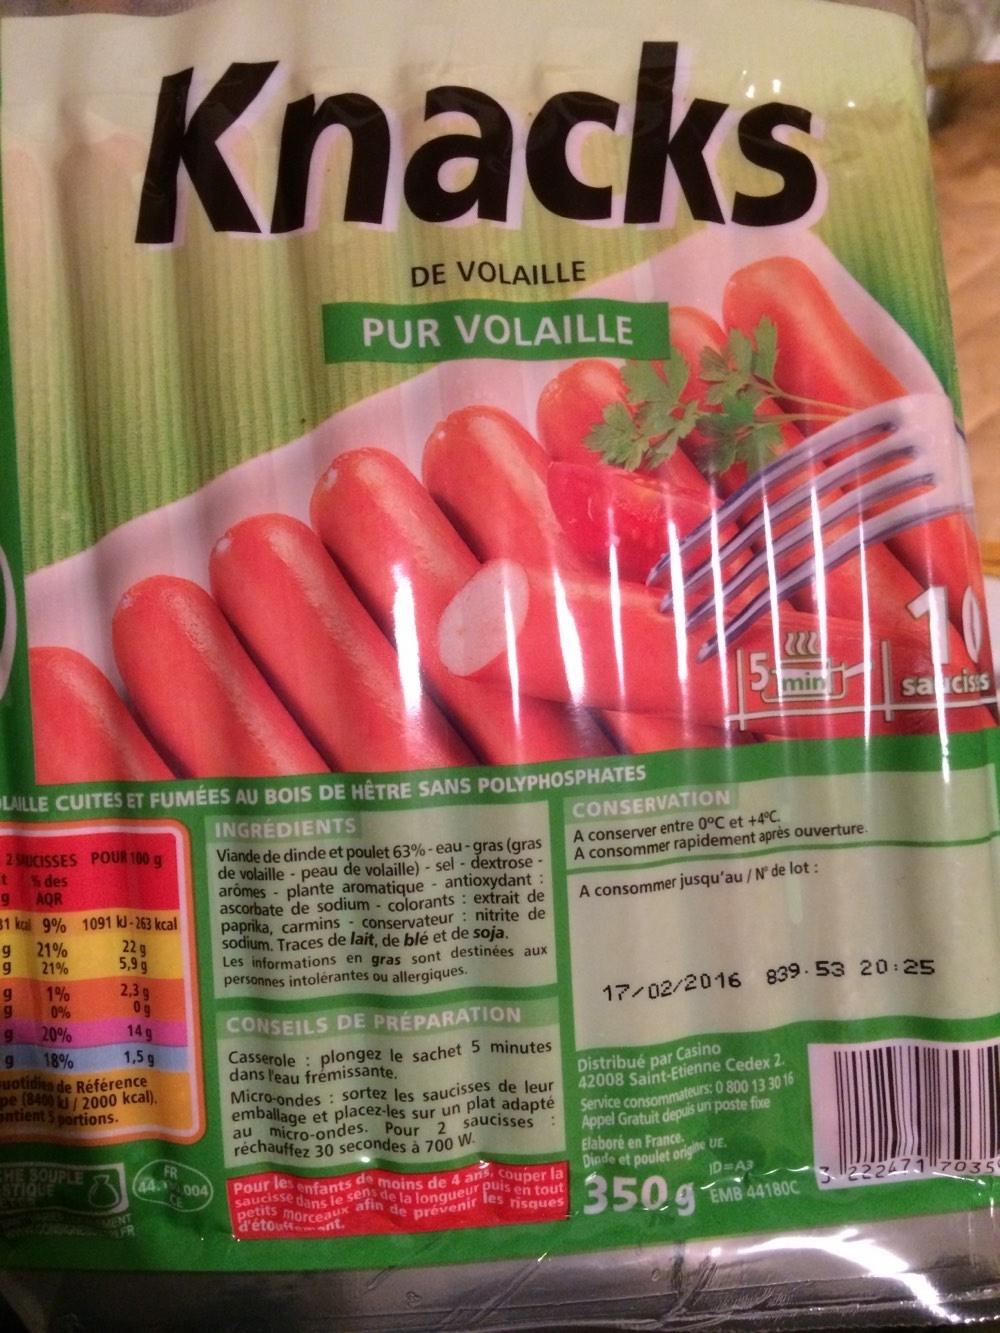 Knacks de Volaille - Product - fr